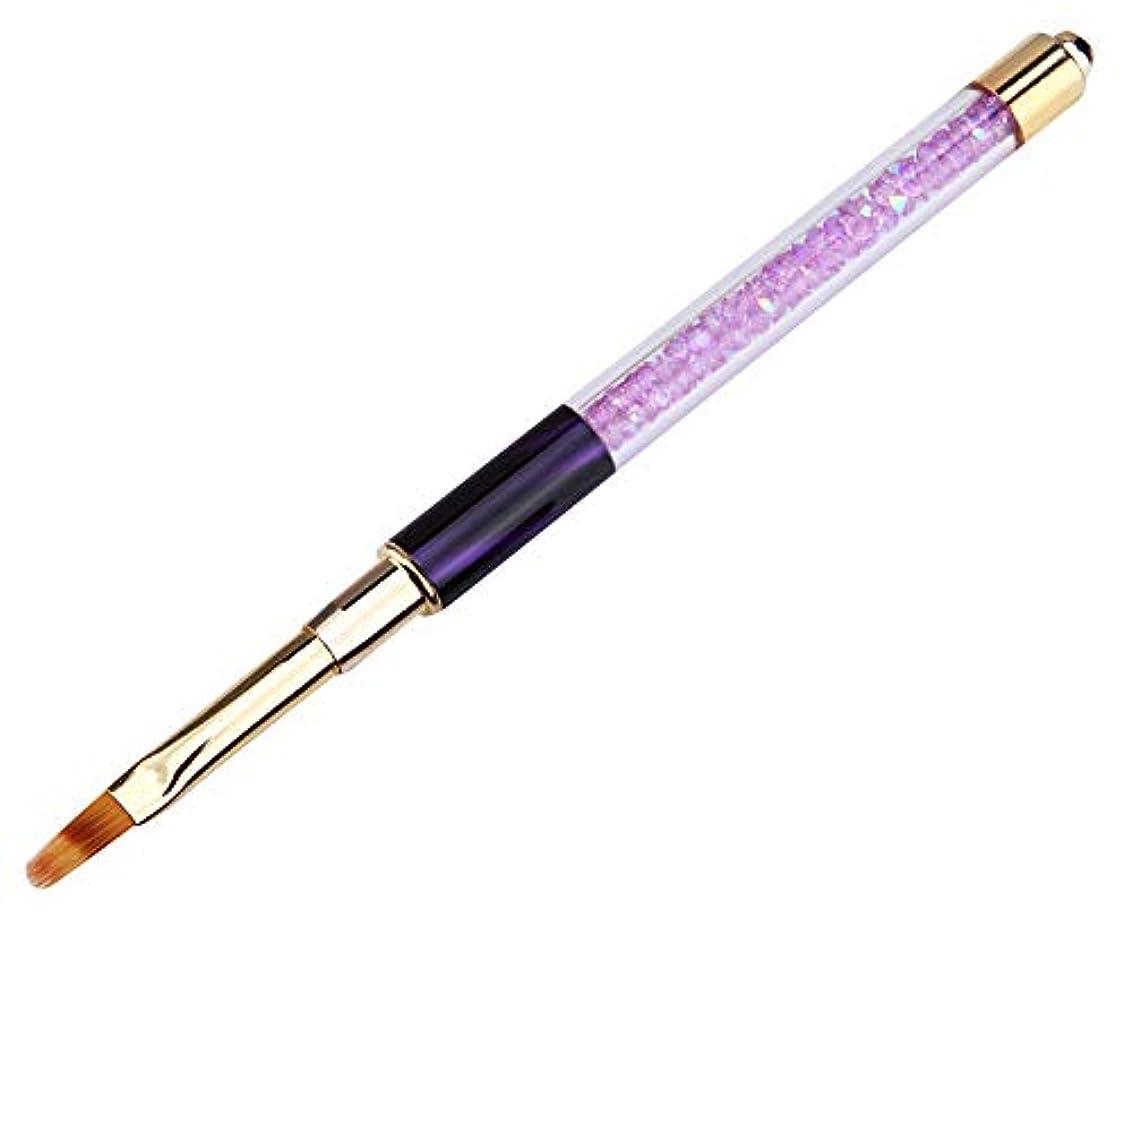 一貫した剥離封建TOOGOO ネイルアートブラシのペン、ラインストーン、キャット?アイ、アクリルのハンドル、彫刻と絵画用、ジェル、ネイルの延長、マニキュア、ライナーのペン、02